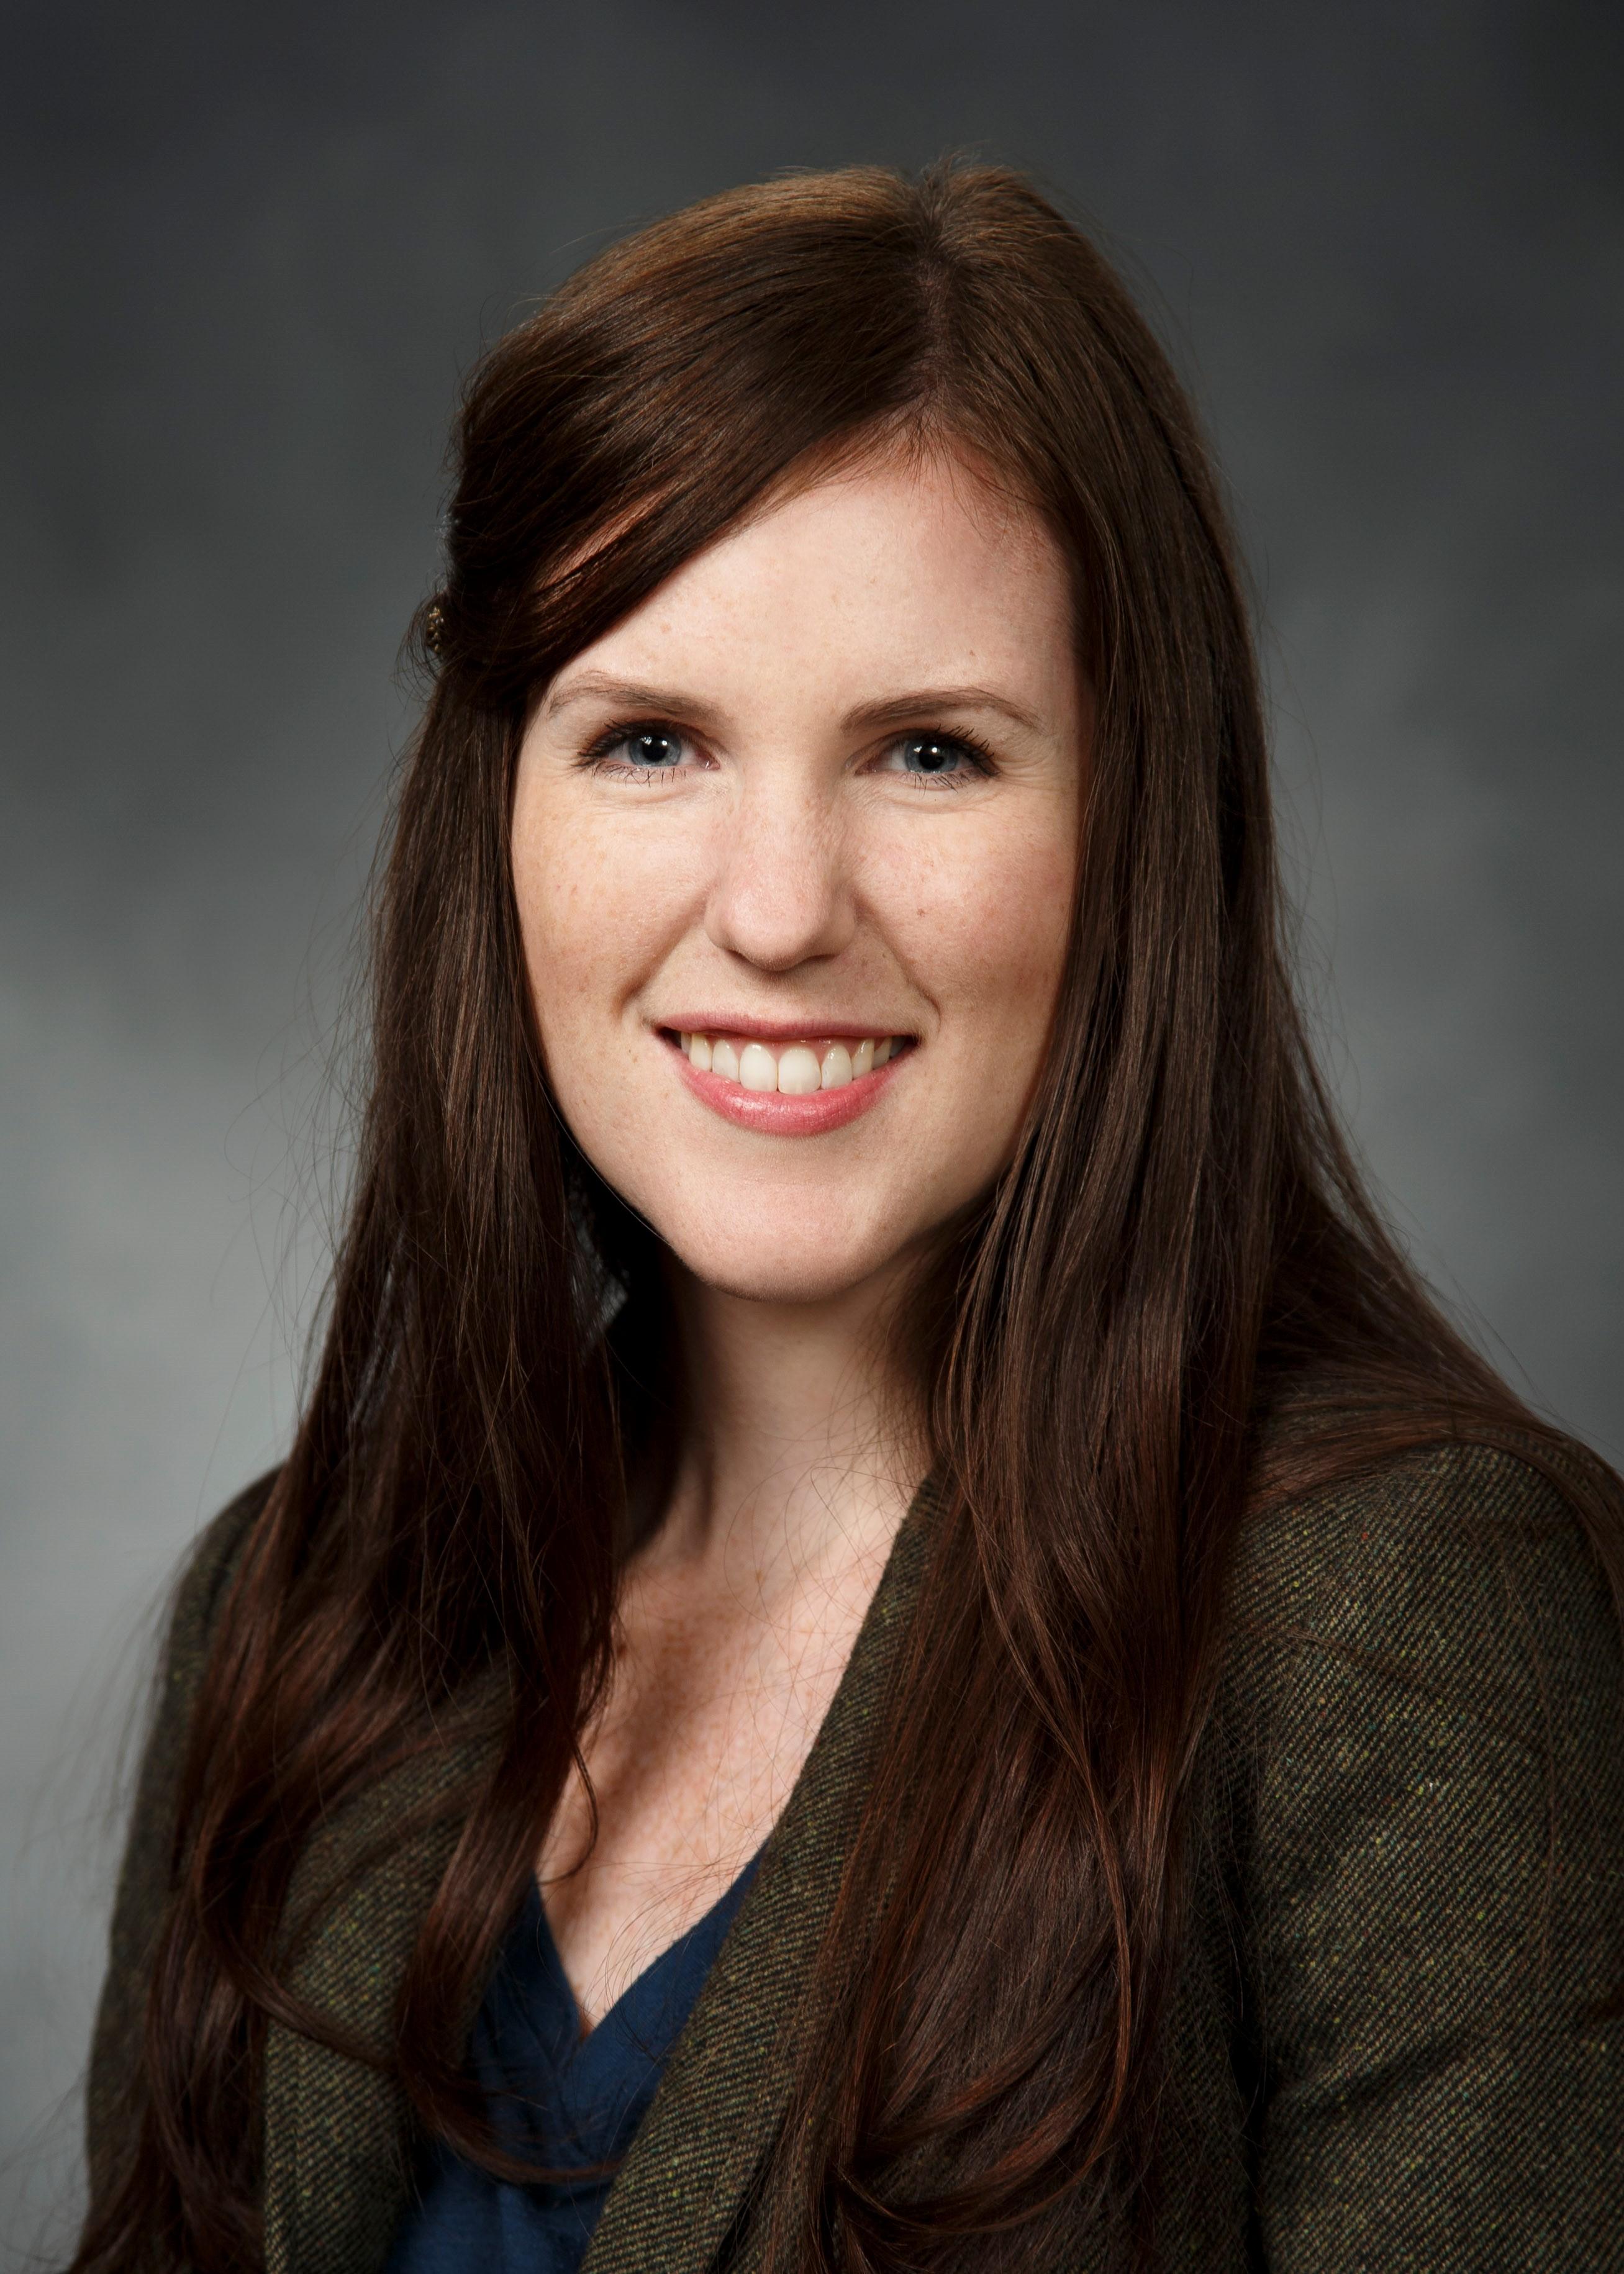 Courtney Bulsiewicz